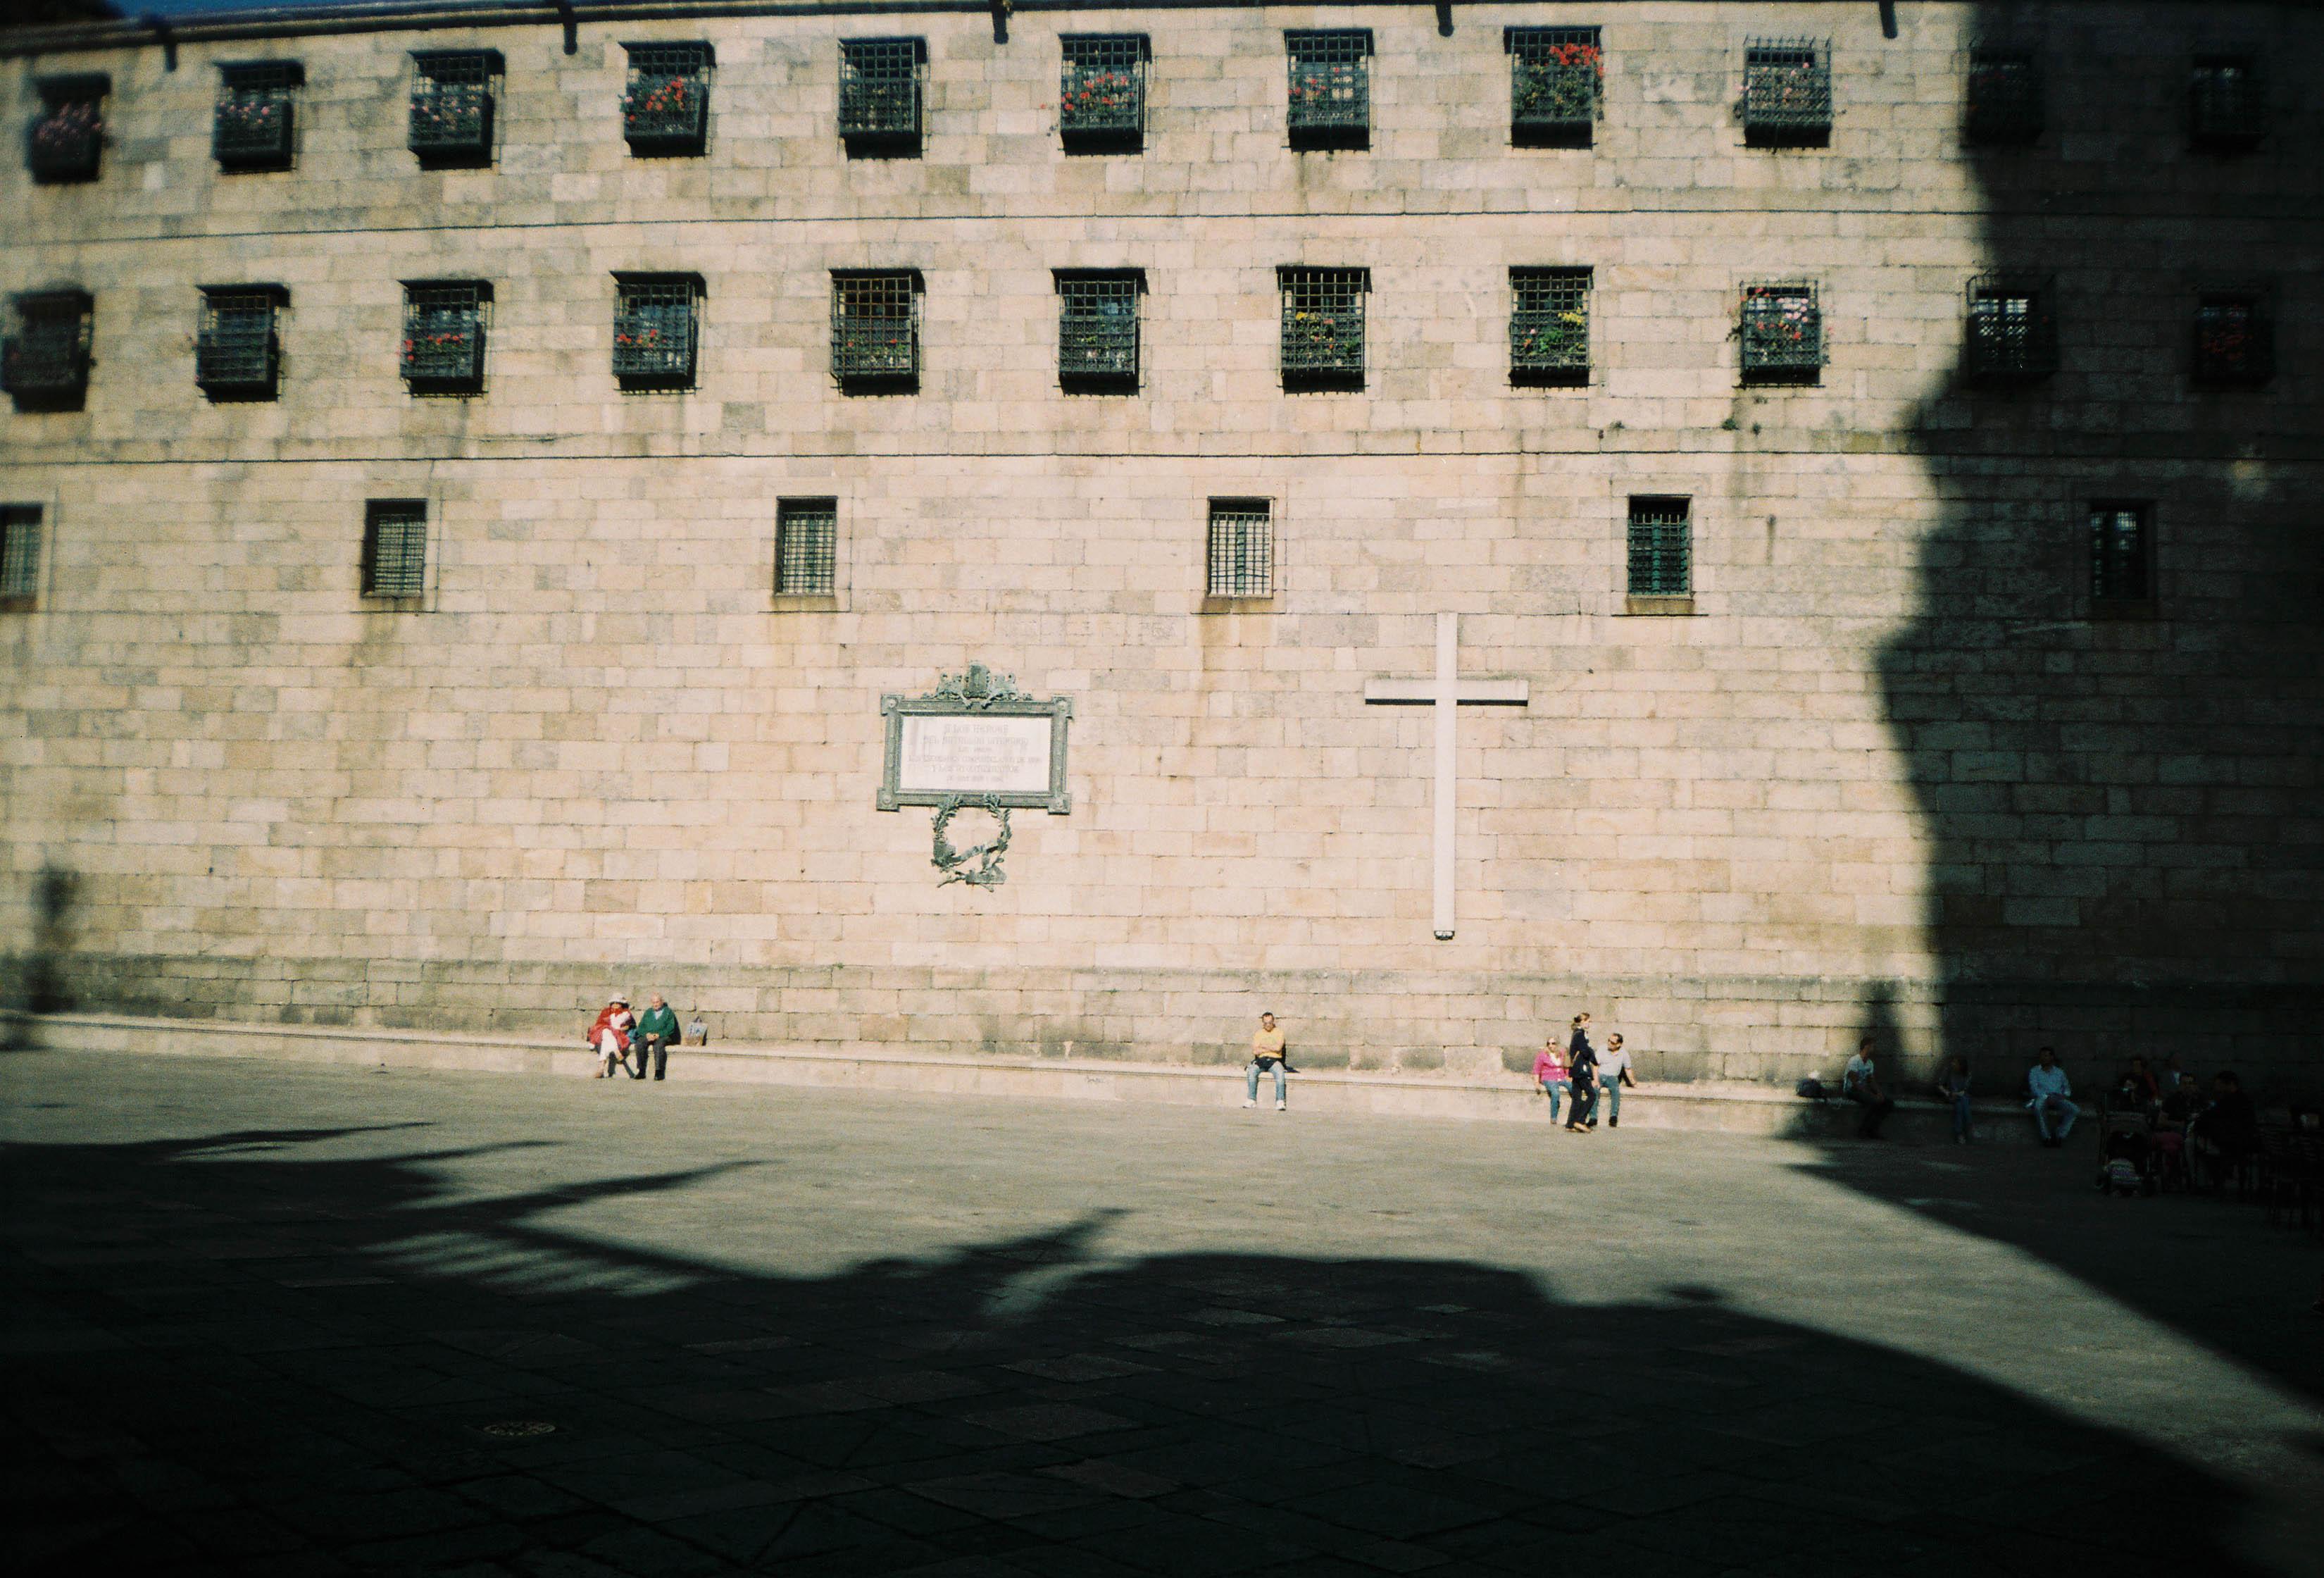 http://lafilladelfotografu.irenavisa.com/files/gimgs/97_f1000018-1.jpg